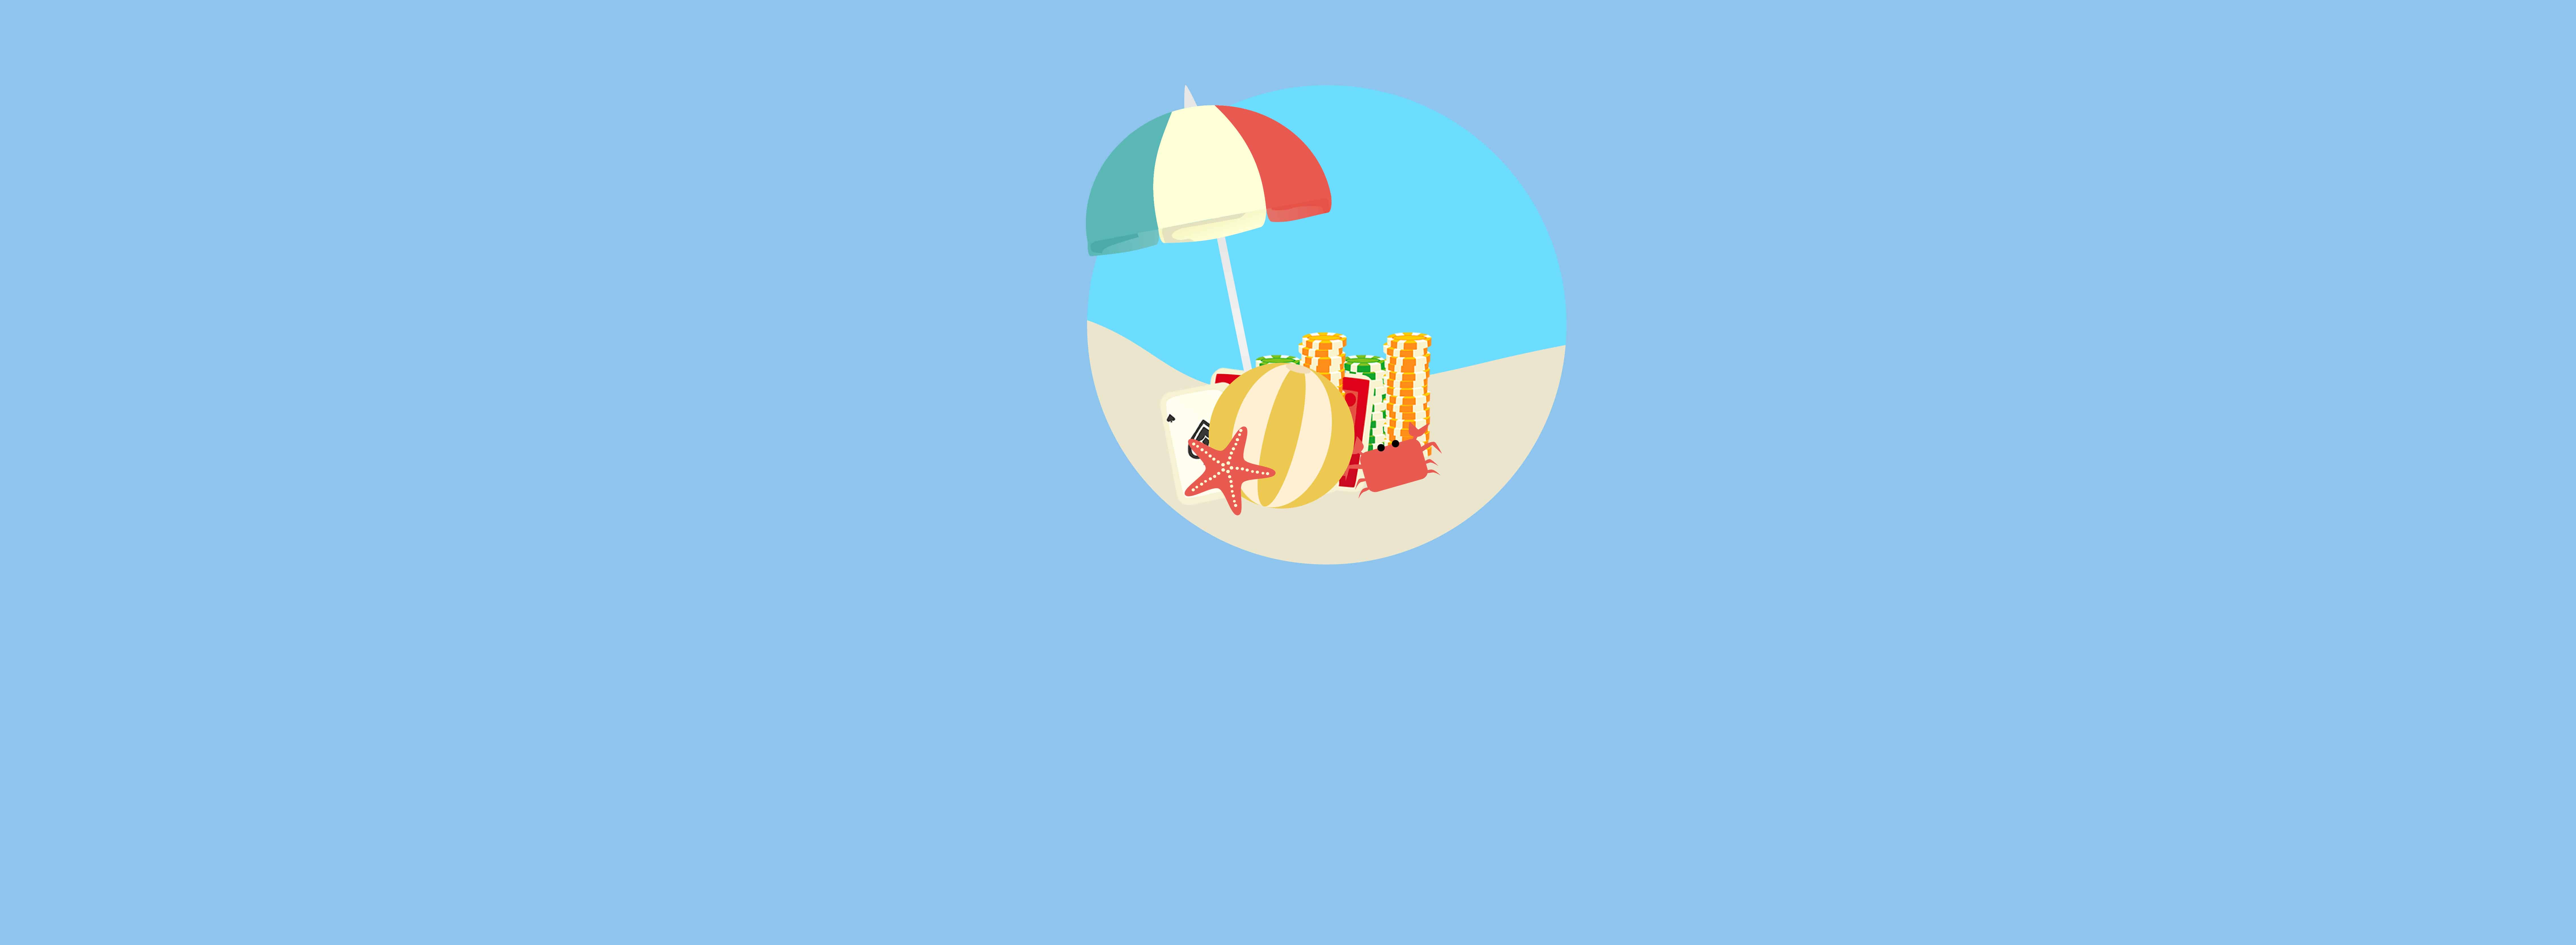 Mejores promociones de verano casino online